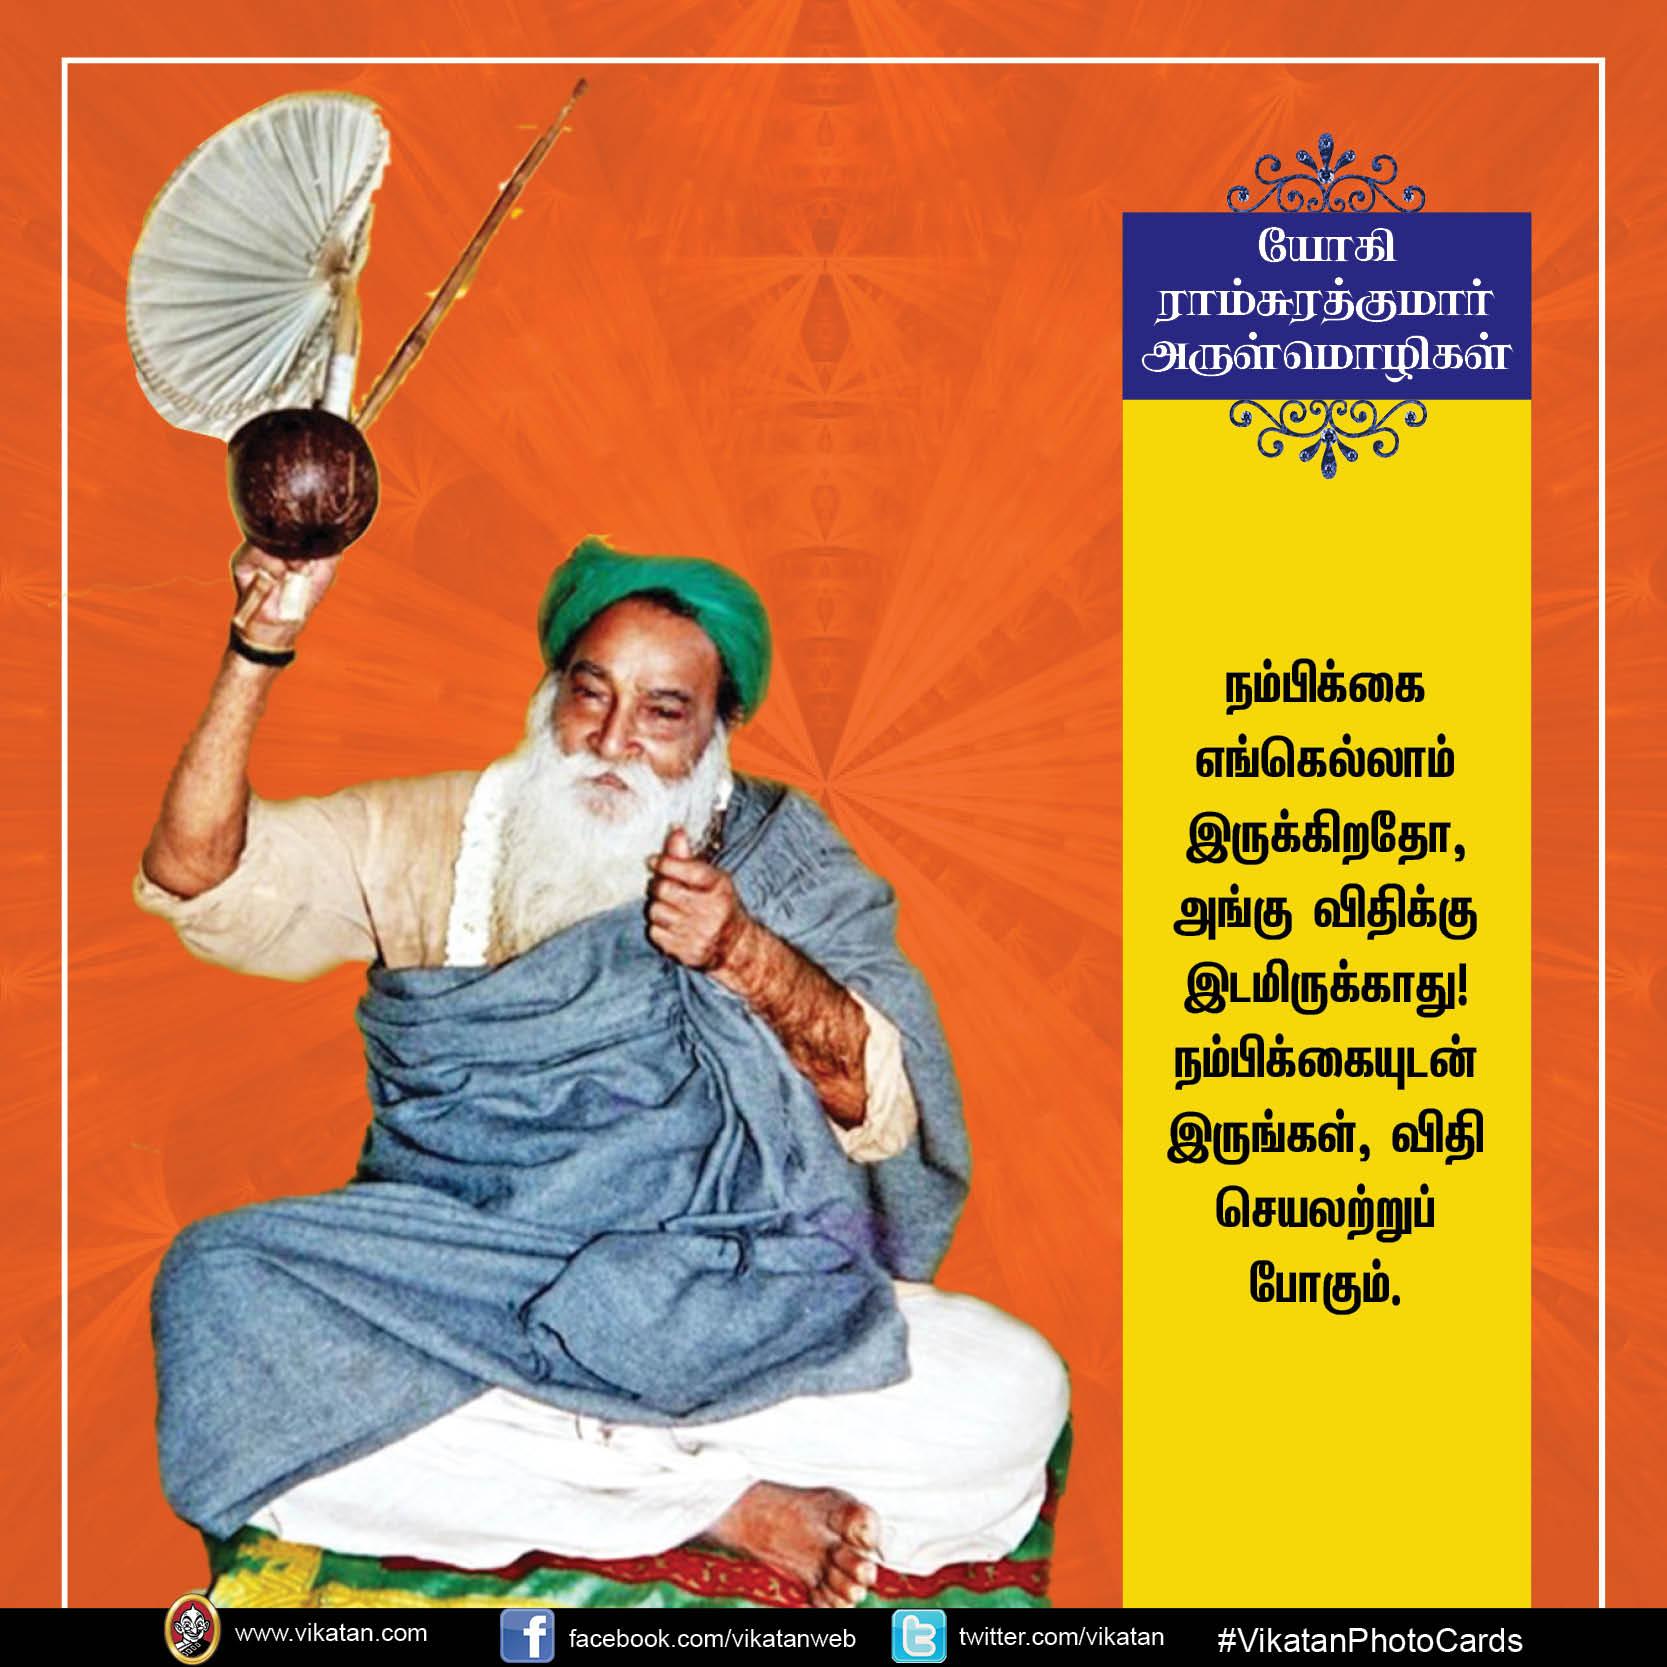 நம்பிக்கை இருக்குமிடத்தில் விதிக்கு வேலையில்லை! - யோகி ராம்சுரத்குமார் #VikatanPhotoCards